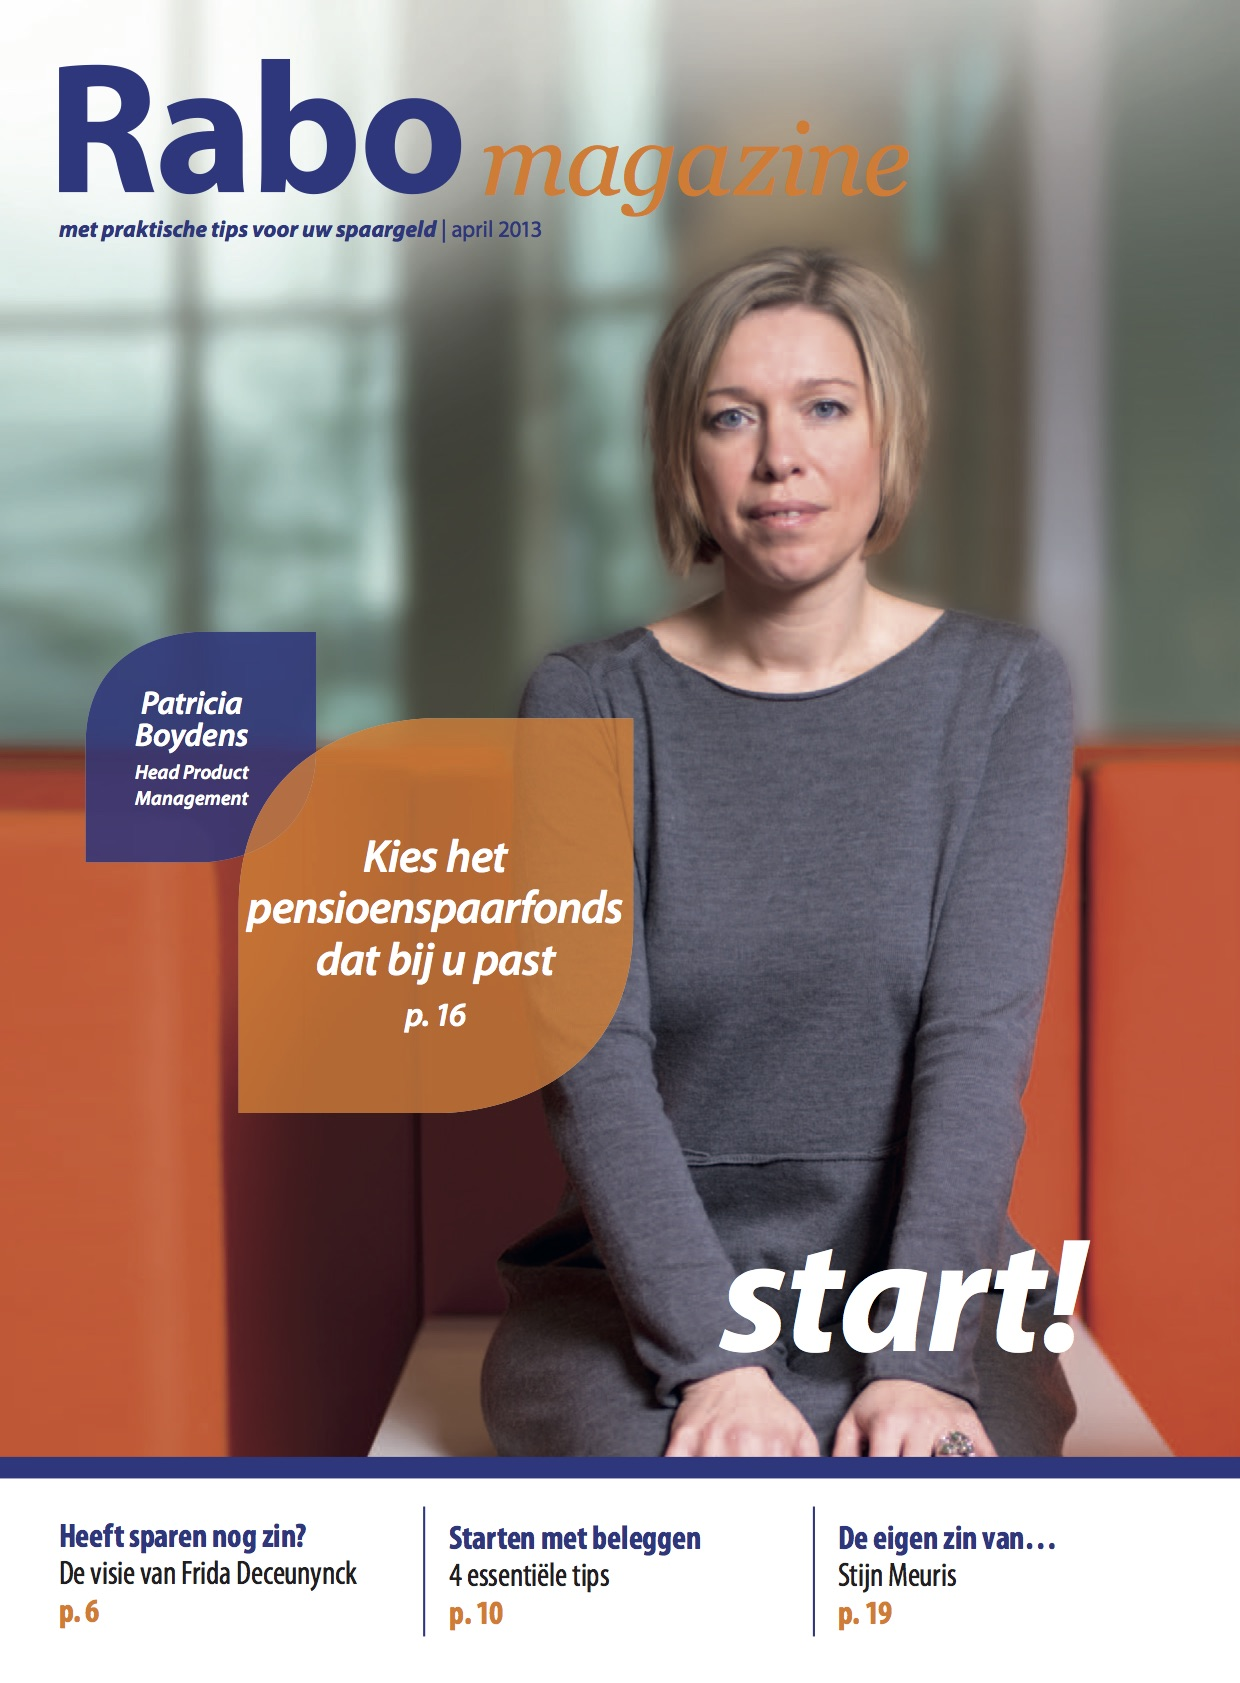 B2C Magazine van Rabobank voor particuliere klanten. Redactie en interviews met werknemers van Rabobank en financiële experts.